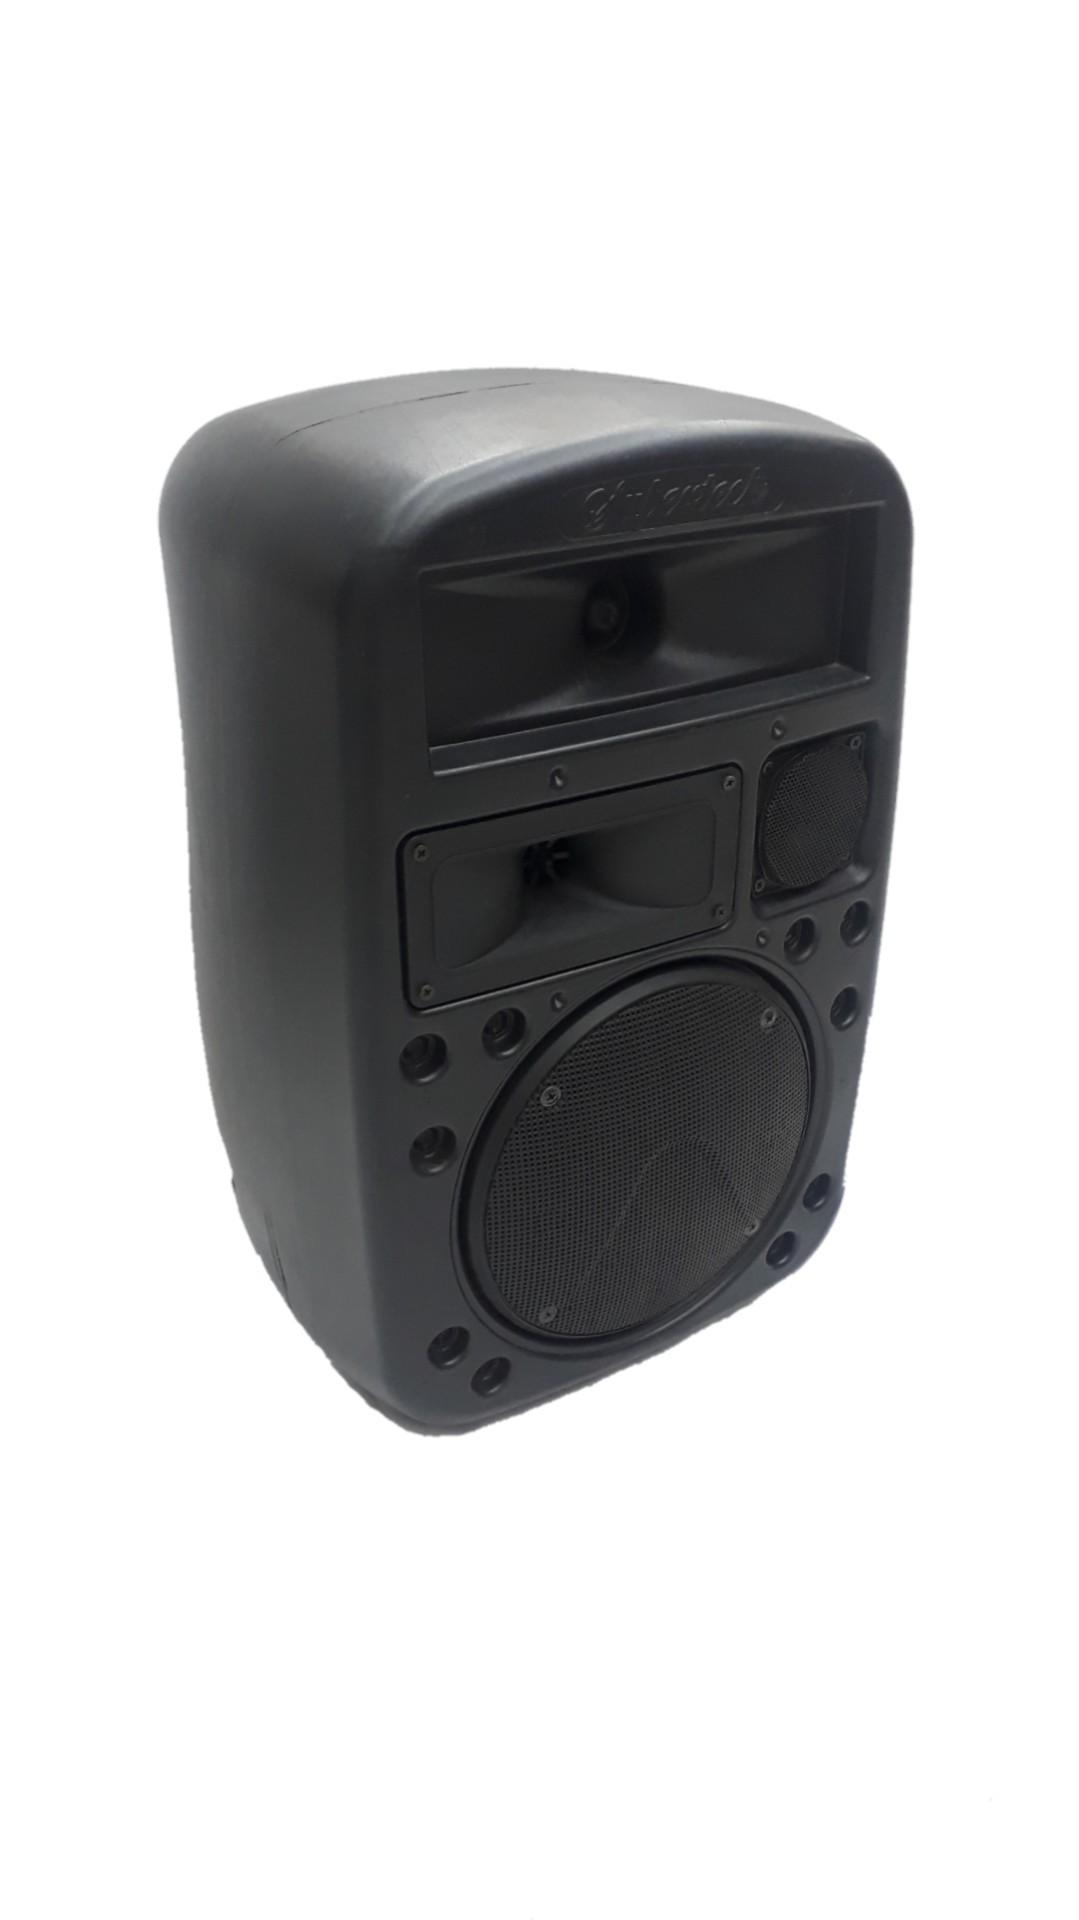 Caixa Acústica Supertech Mochila R50 Falante 6 Suspensão Acústico Passiva 100wref